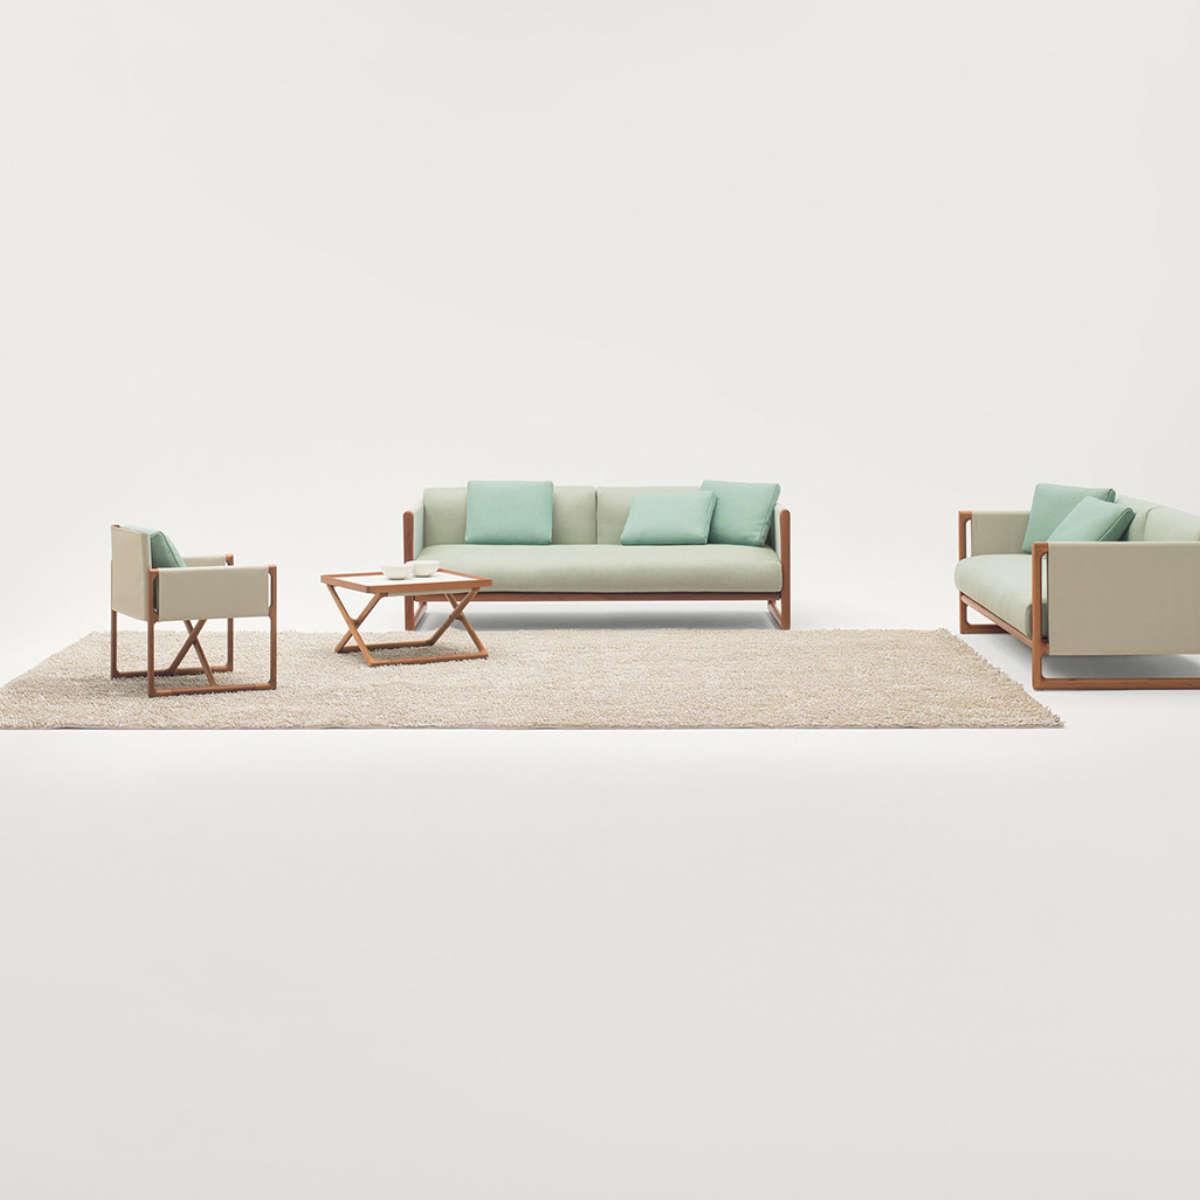 Portofino Sofa Collection